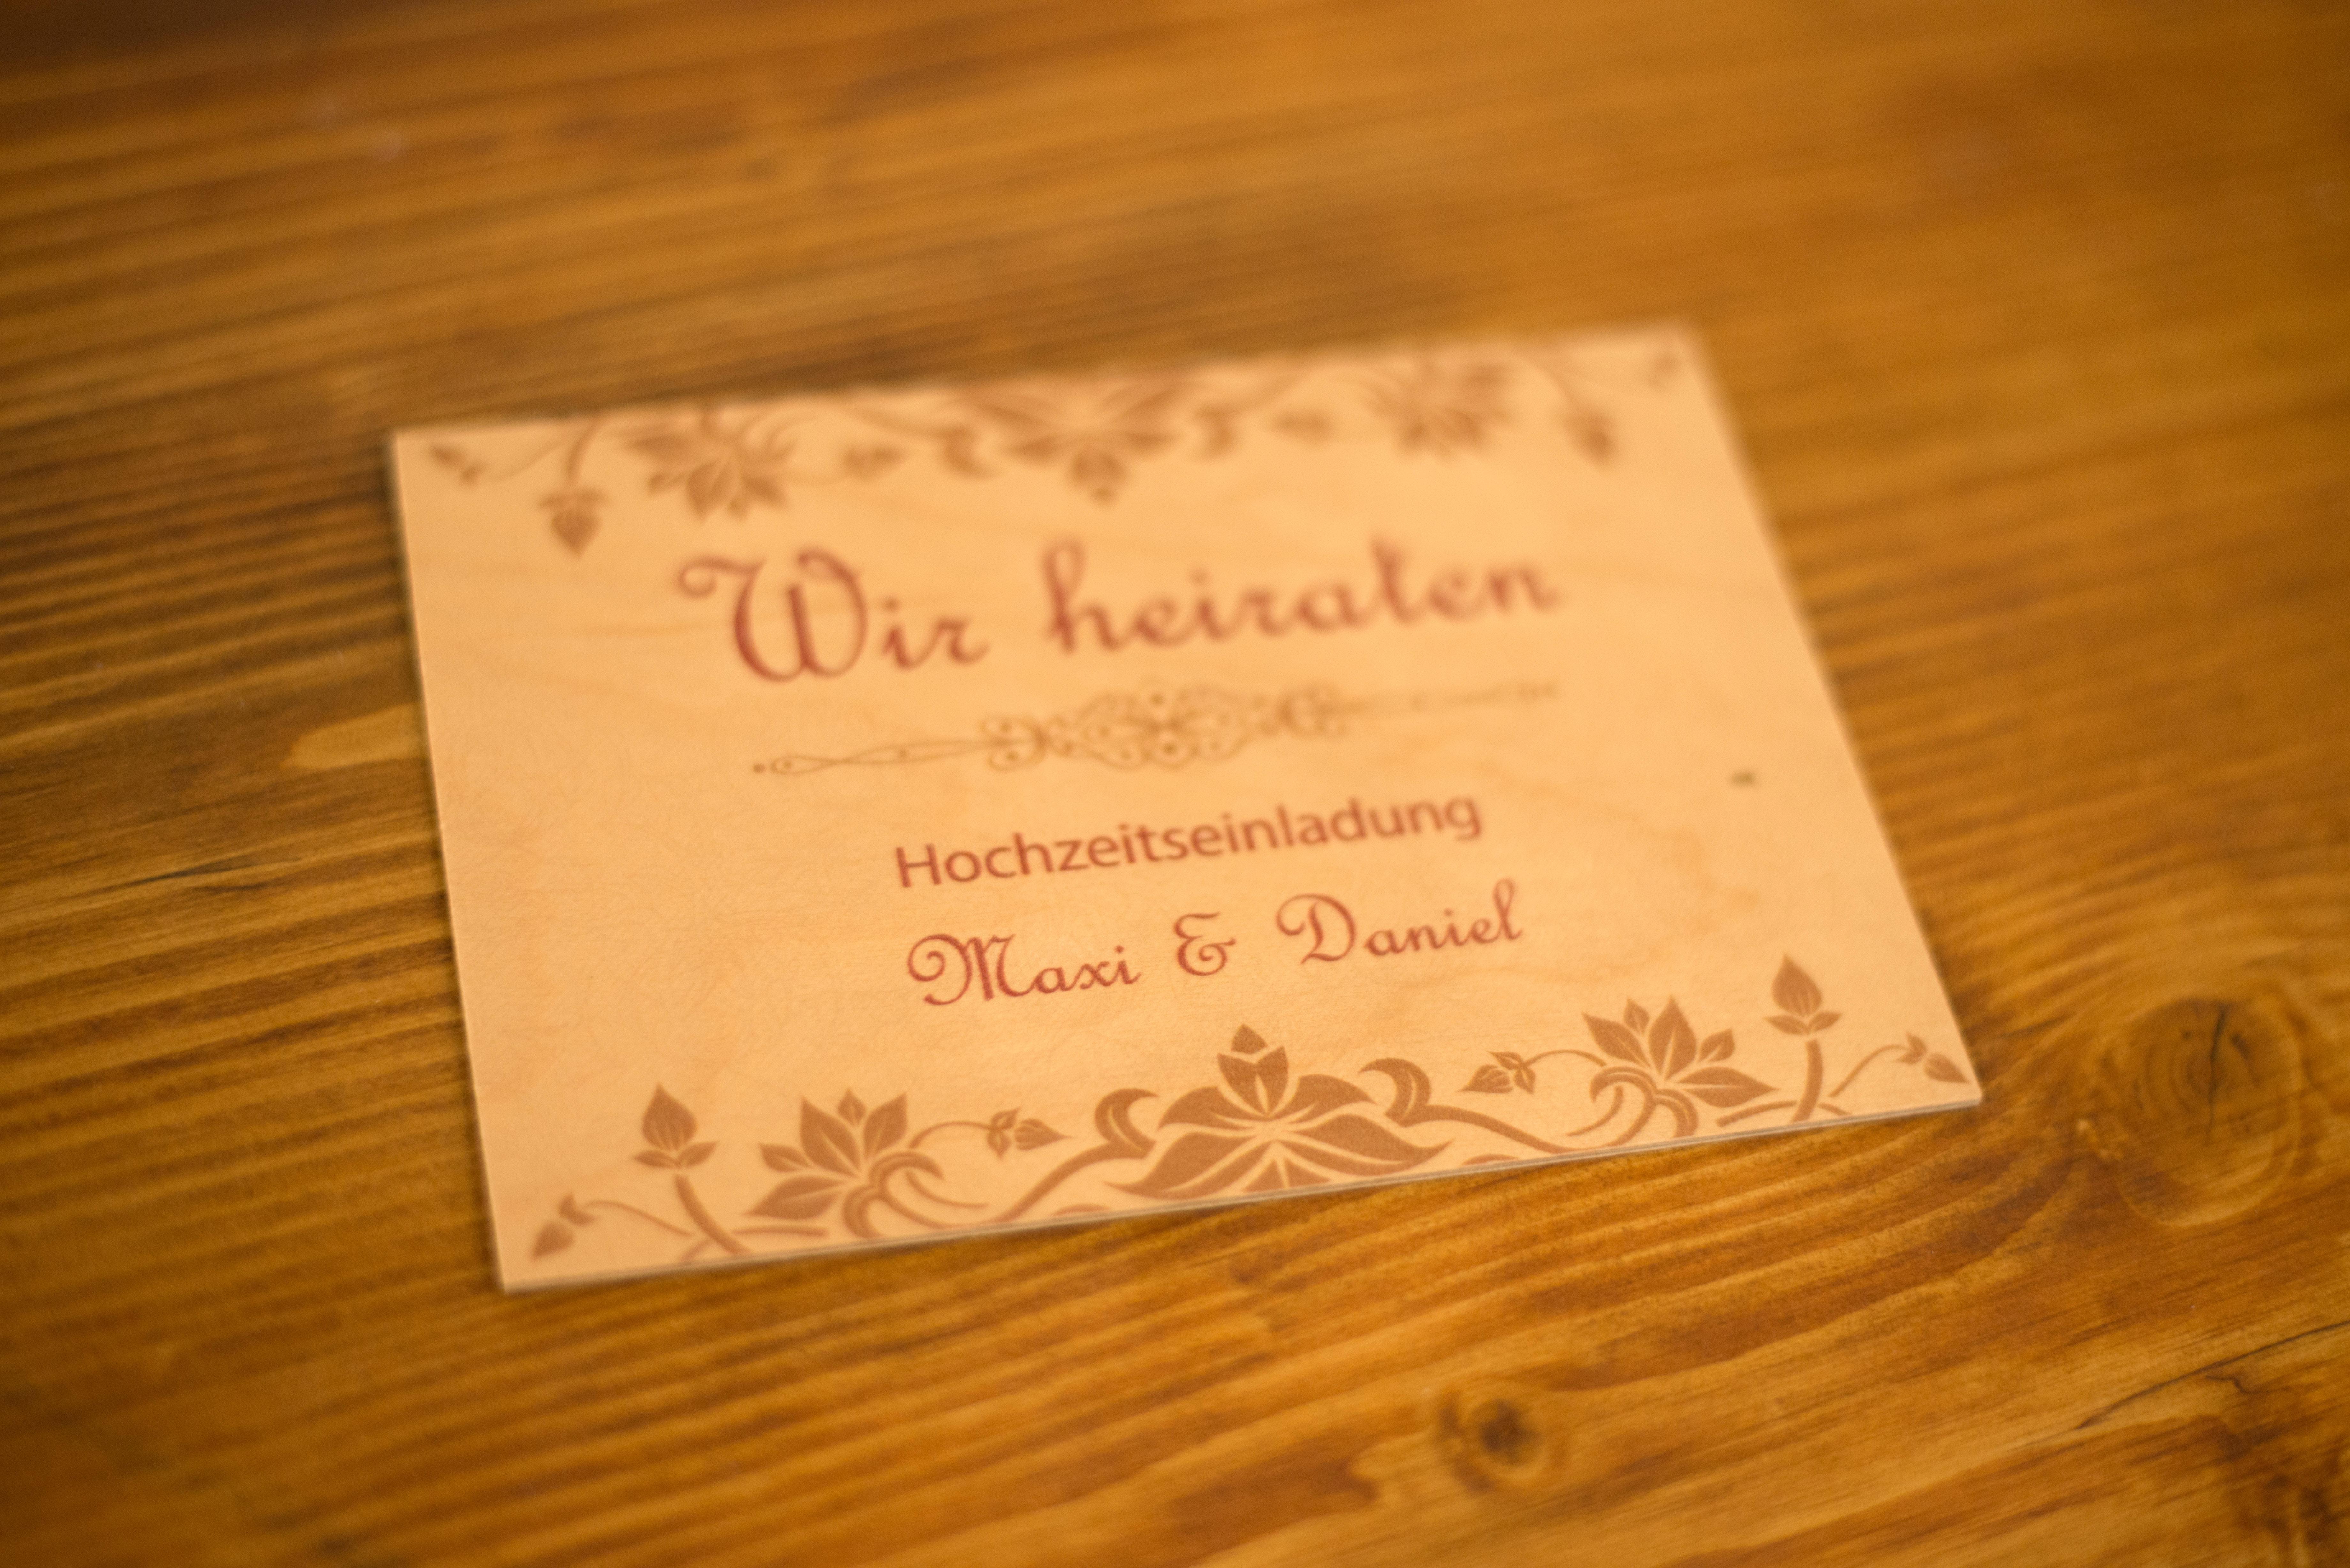 Hochzeitskarte Aus Holz Druck Auf Holz